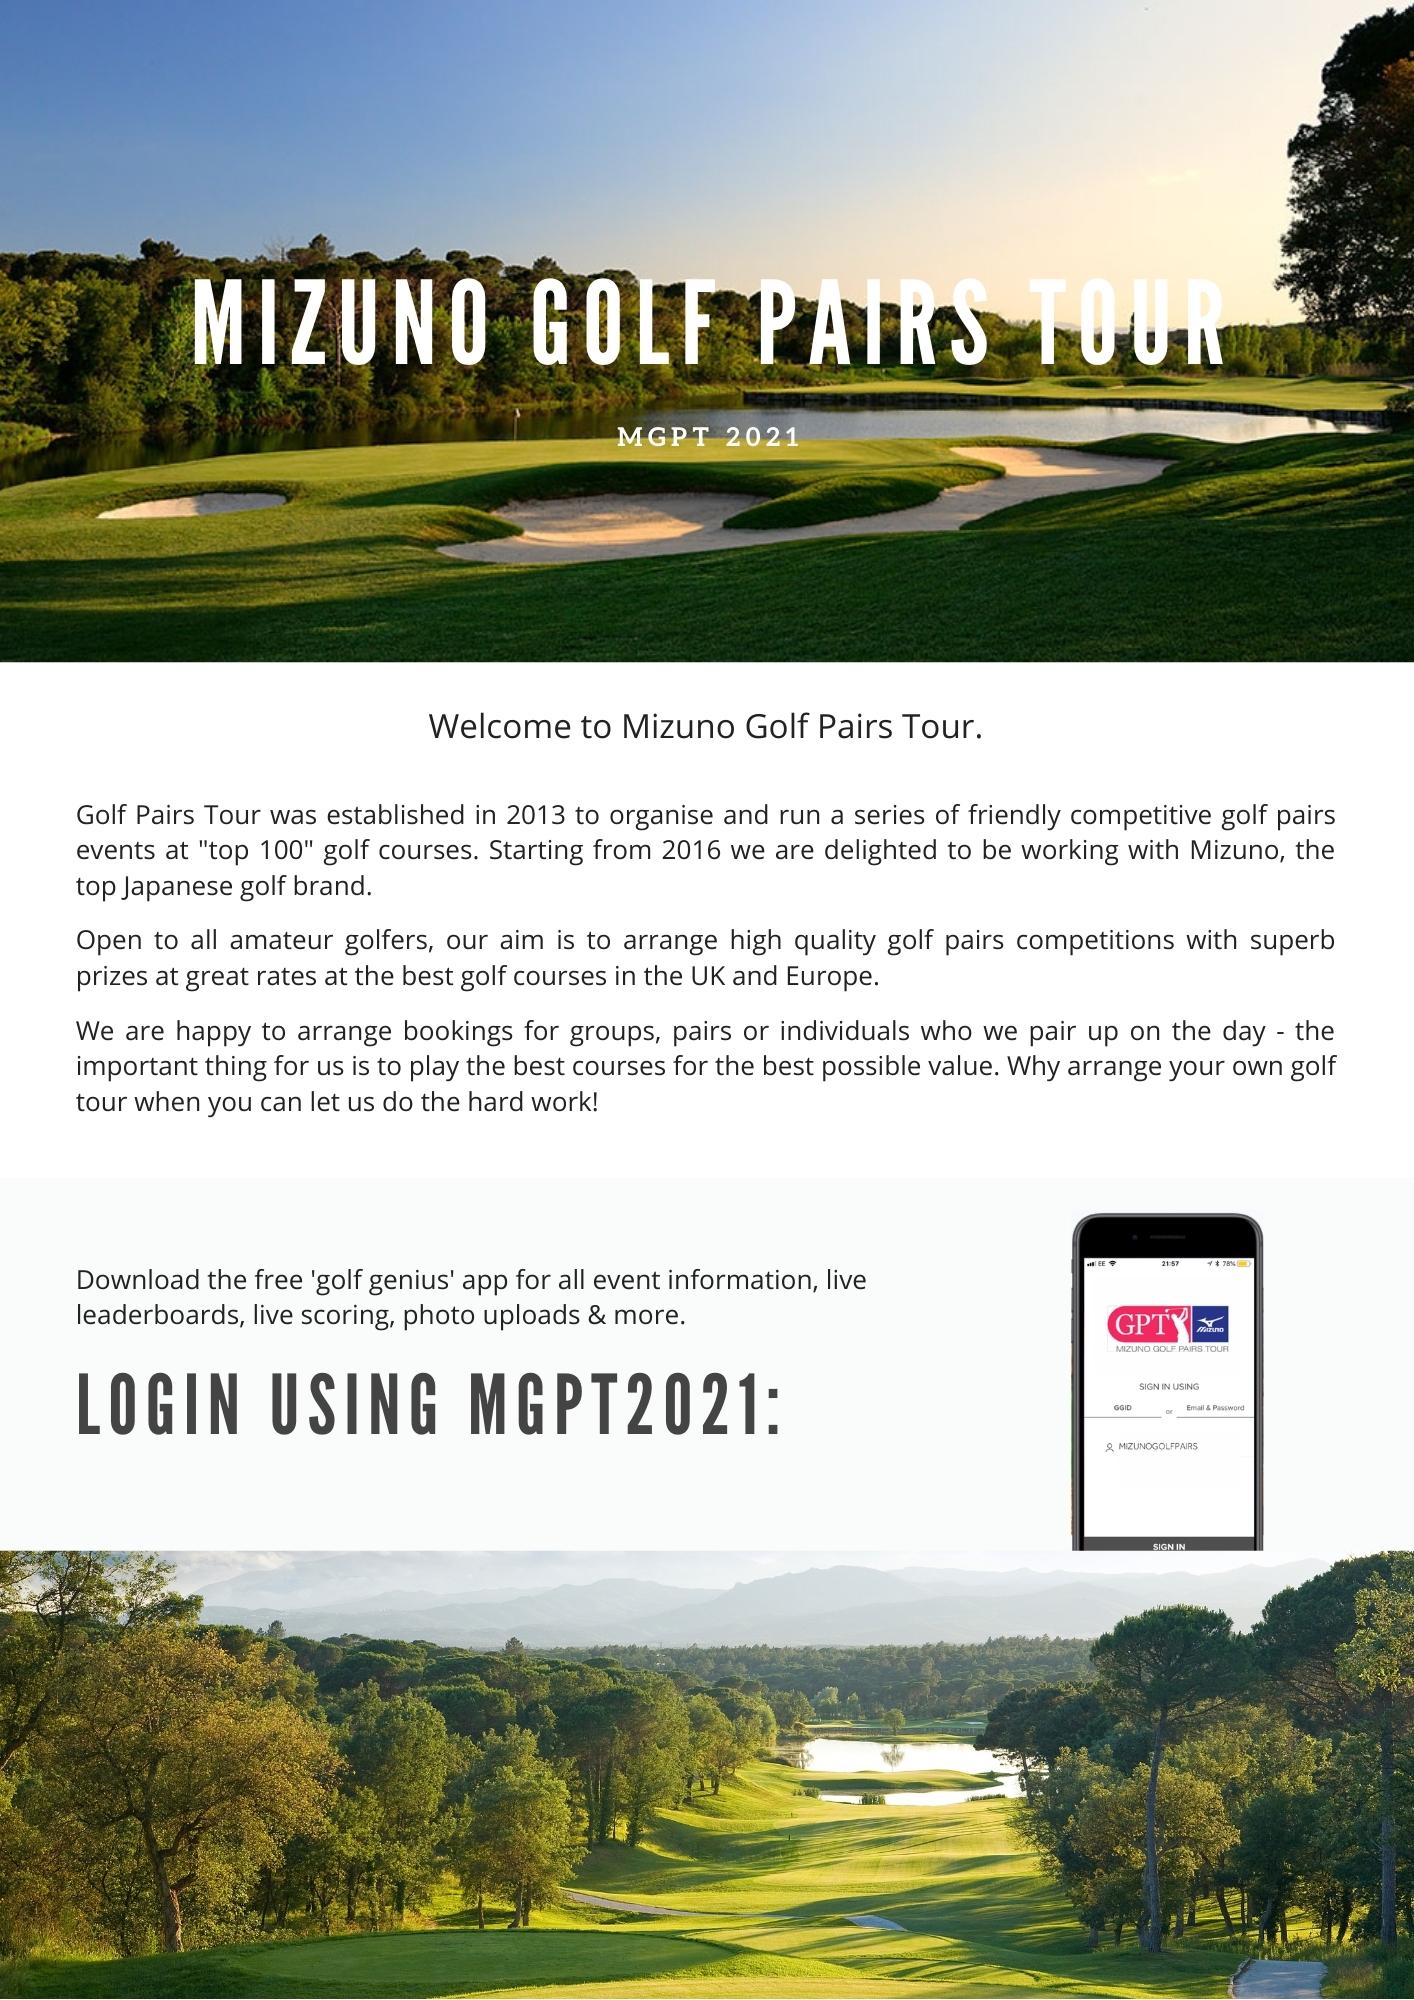 Golf genius image  1